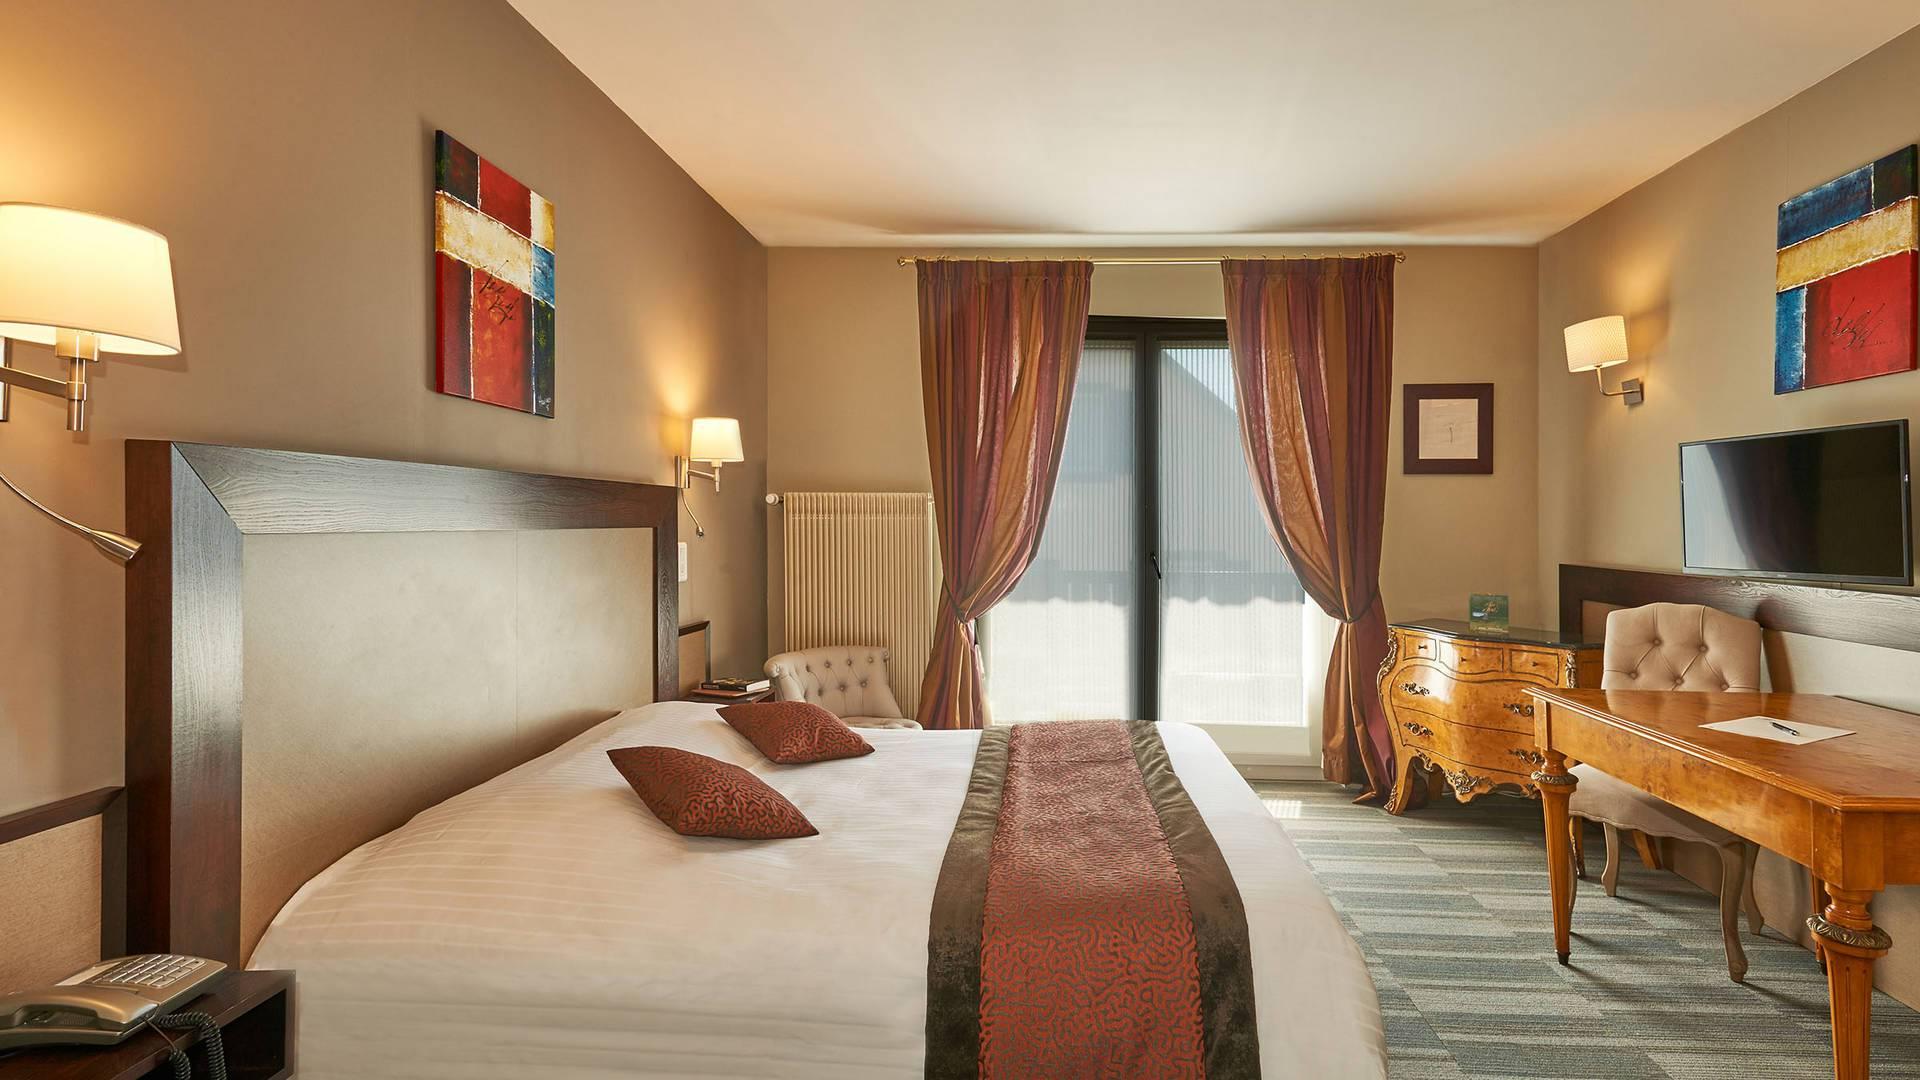 Hotel Avec Piscine Route Des Vins Alsace Lu0027hôtel